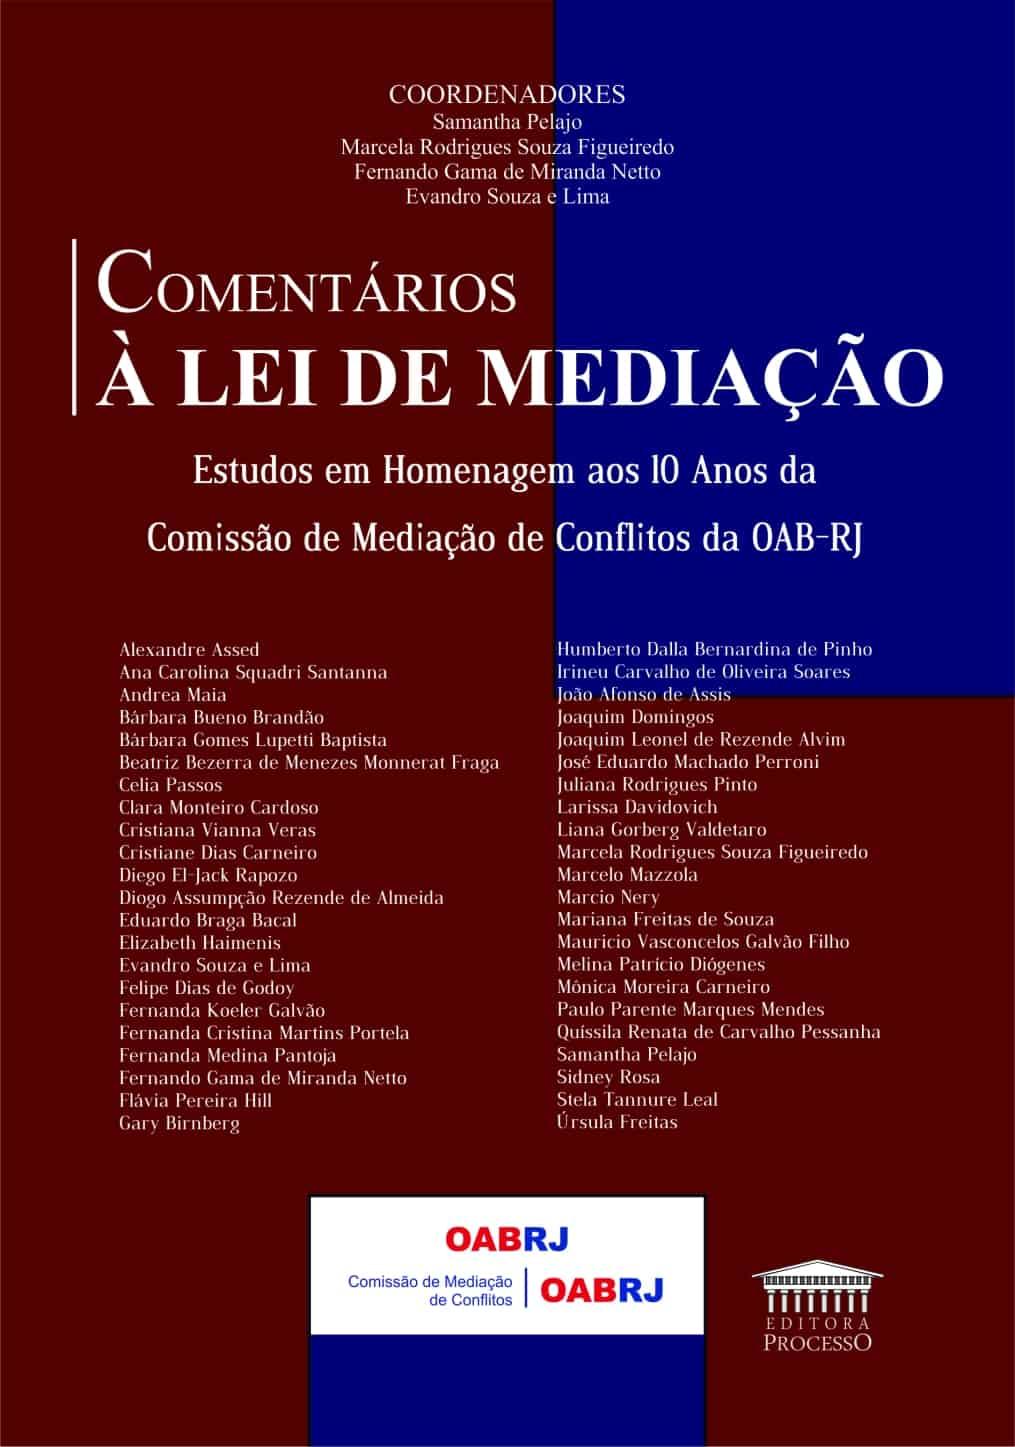 COMENTÁRIOS À LEI DE MEDIAÇÃO